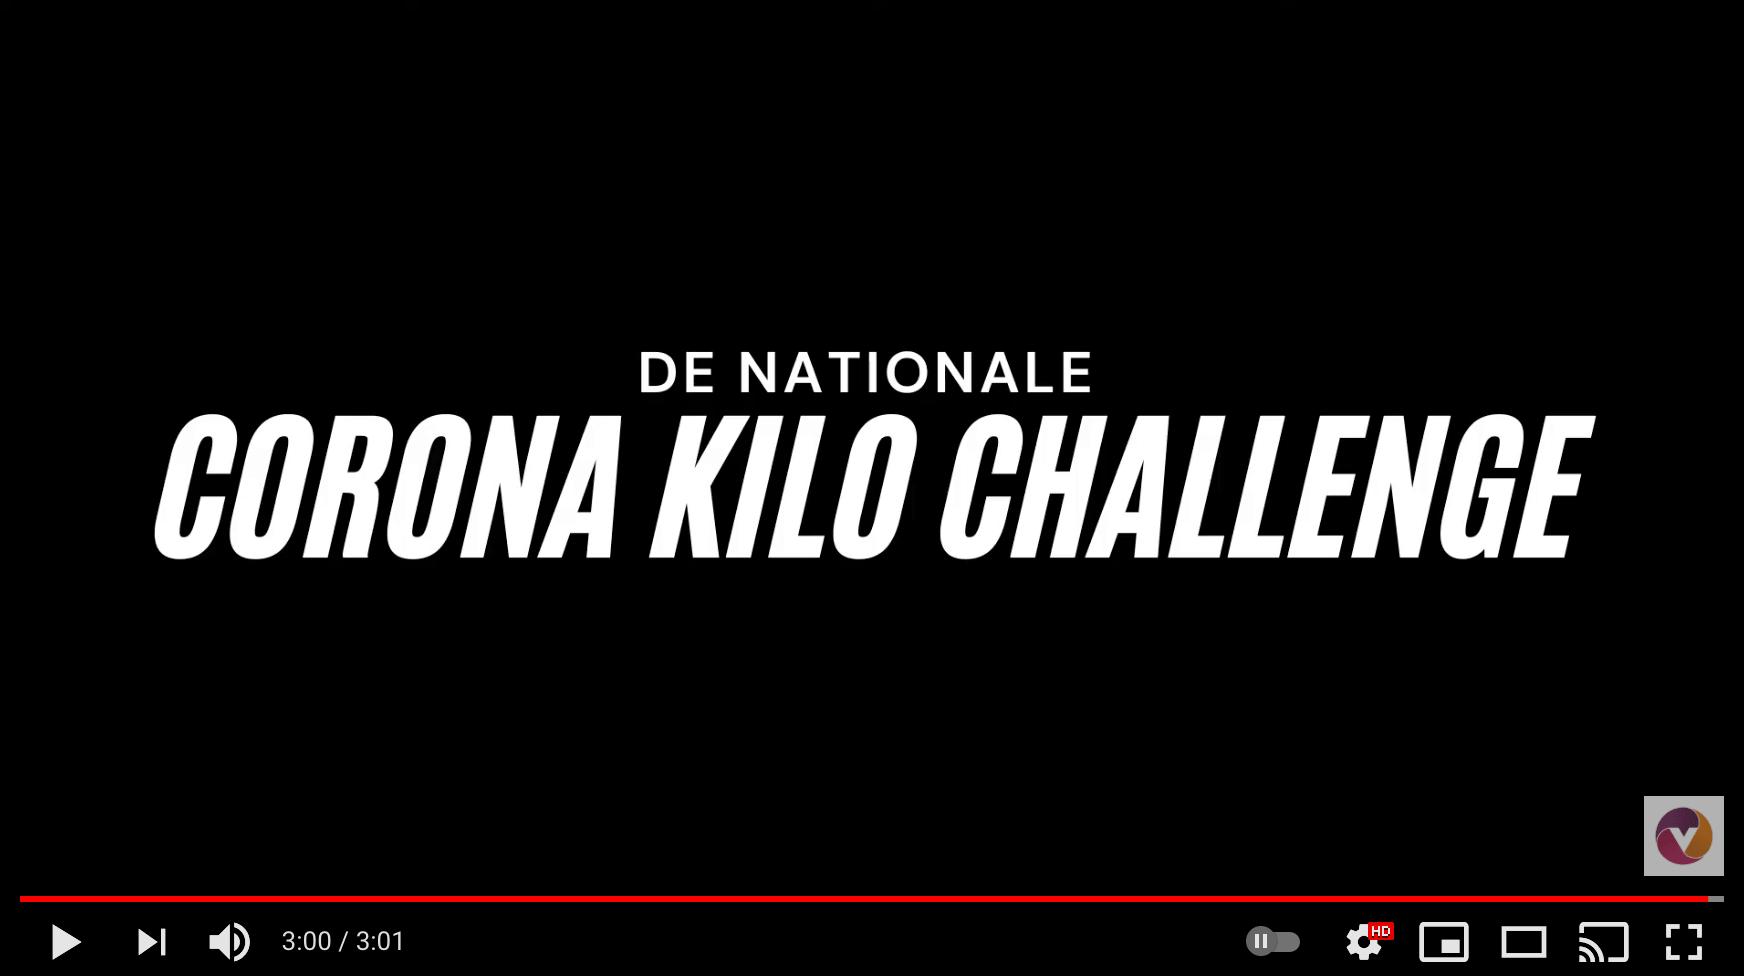 corona-kilo-challenge